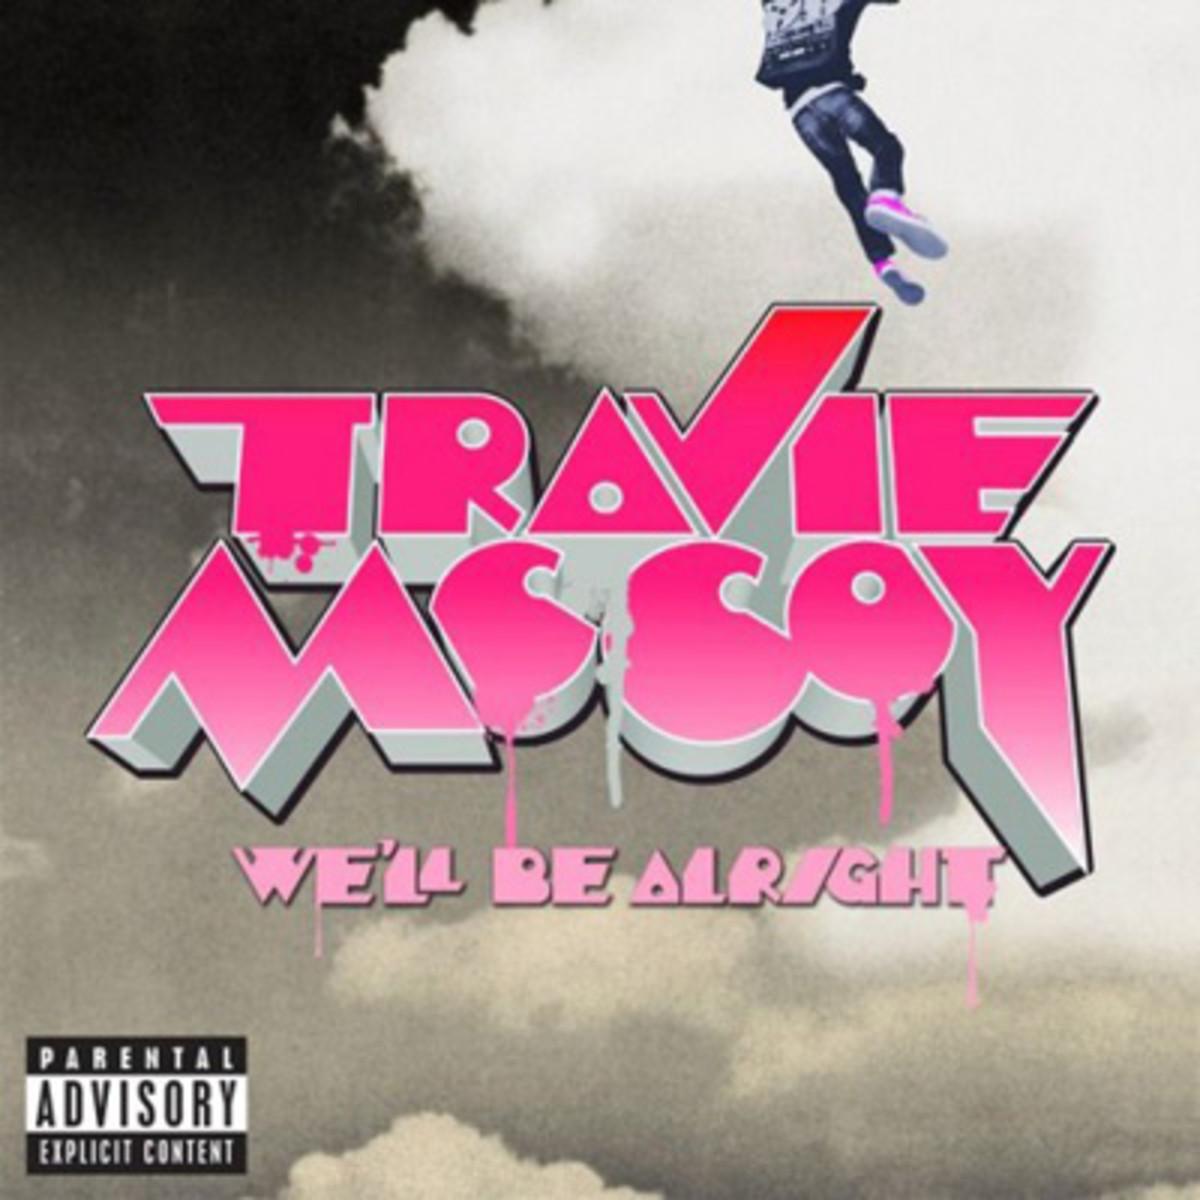 traviemccoy-wellbealright.jpg